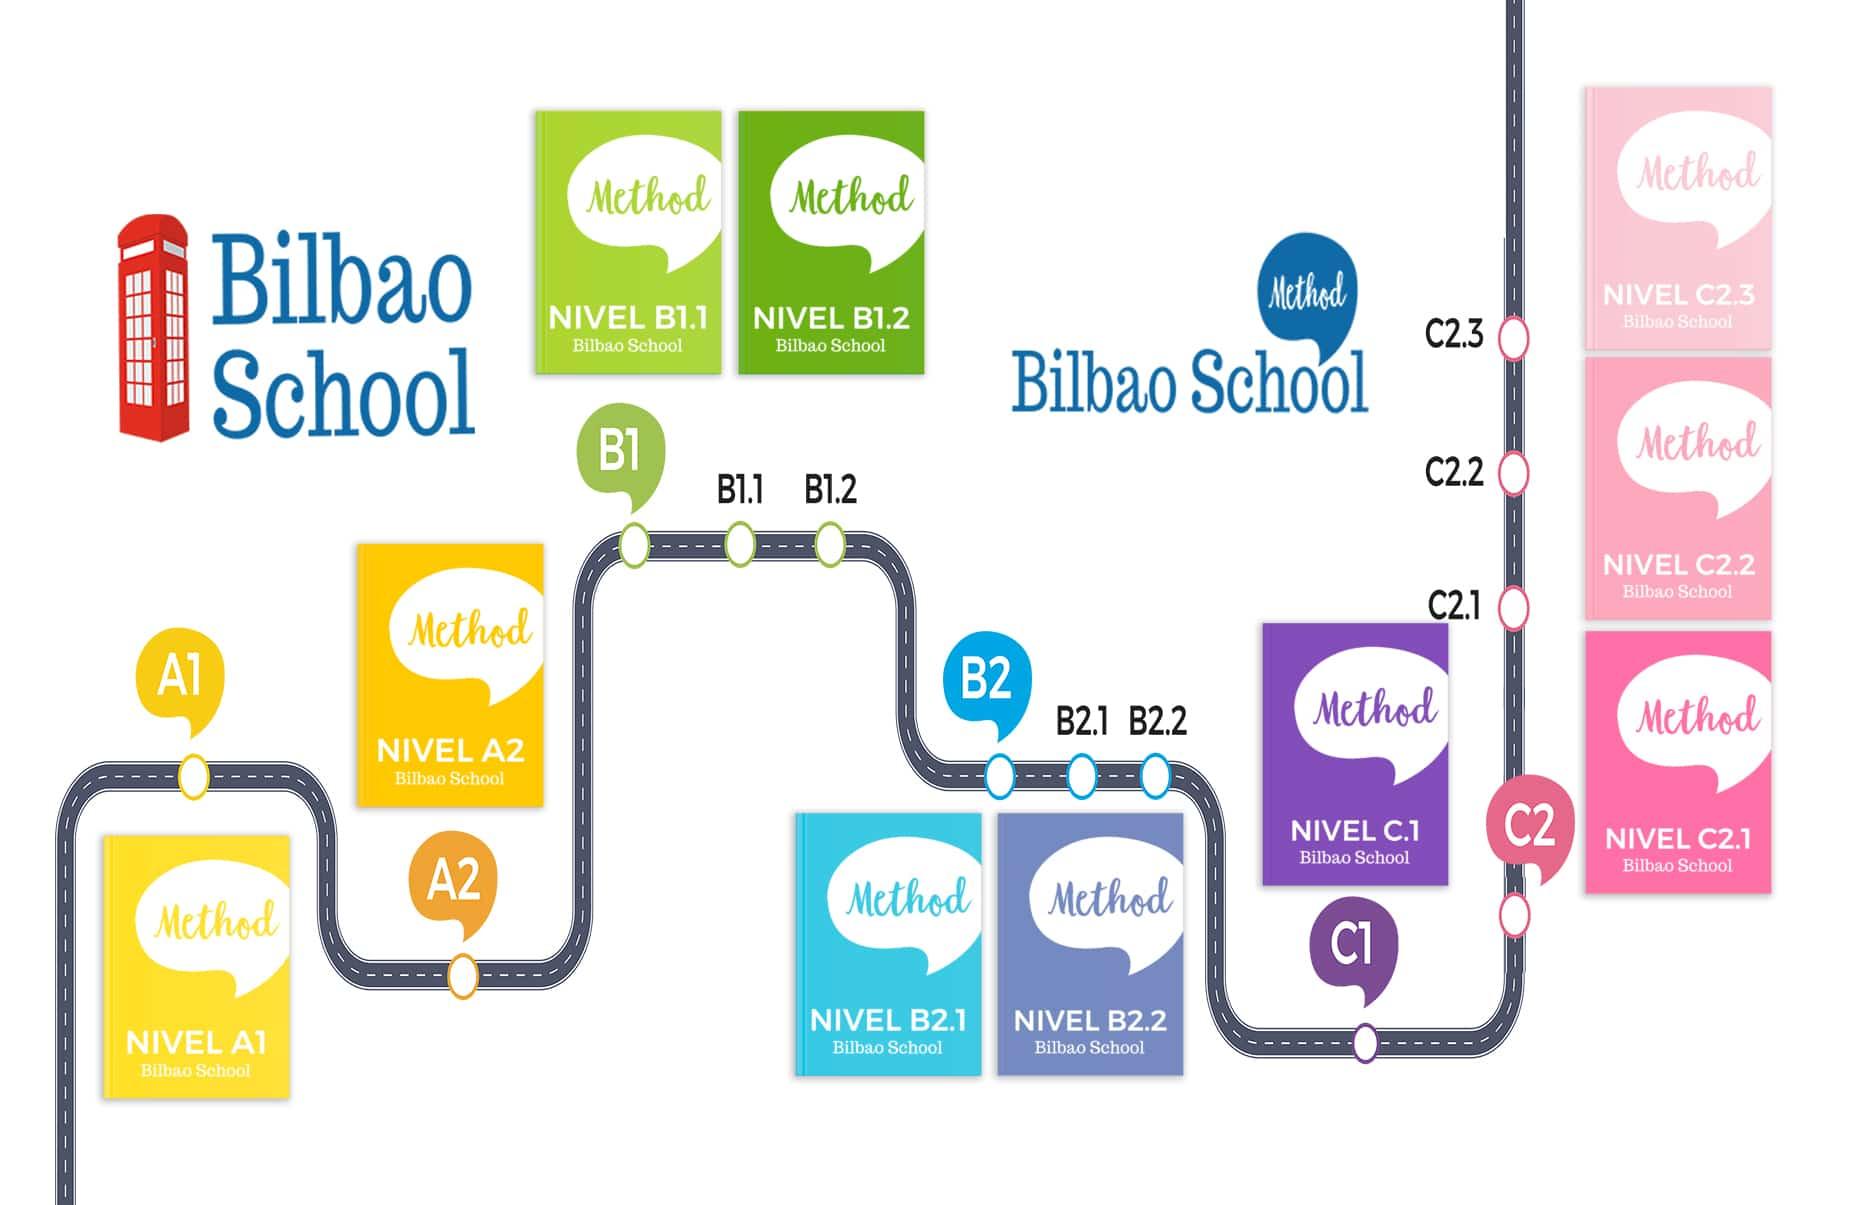 Bilbao School